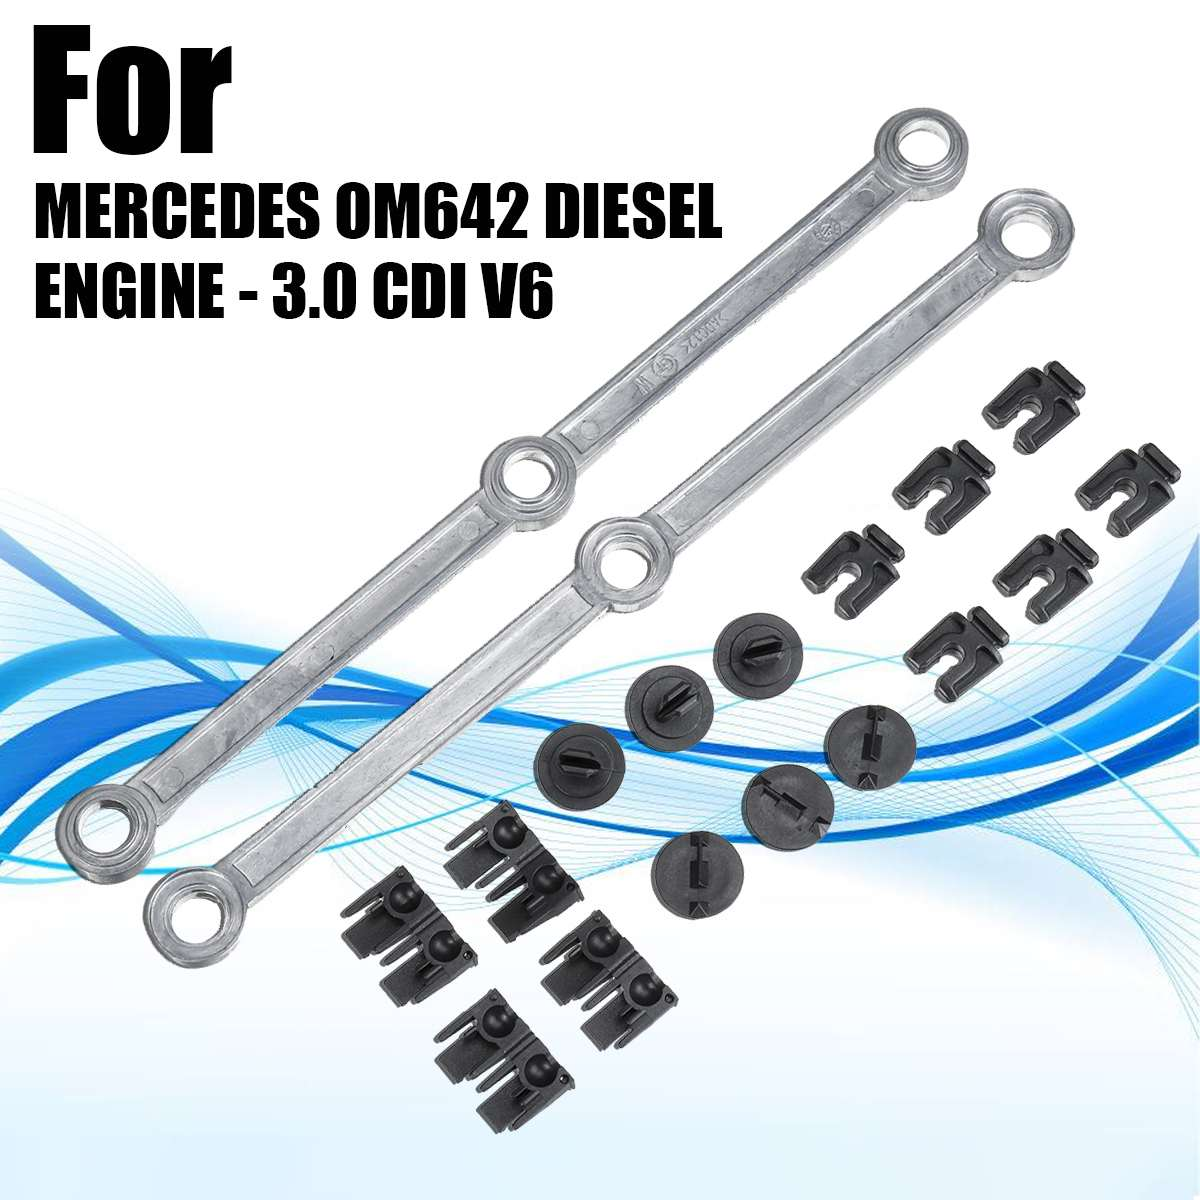 Accionador de colector de entrada Bielas para Mercedes OM642 V6 3,0 CDI W164 C219 Kit de herramienta de la reparación